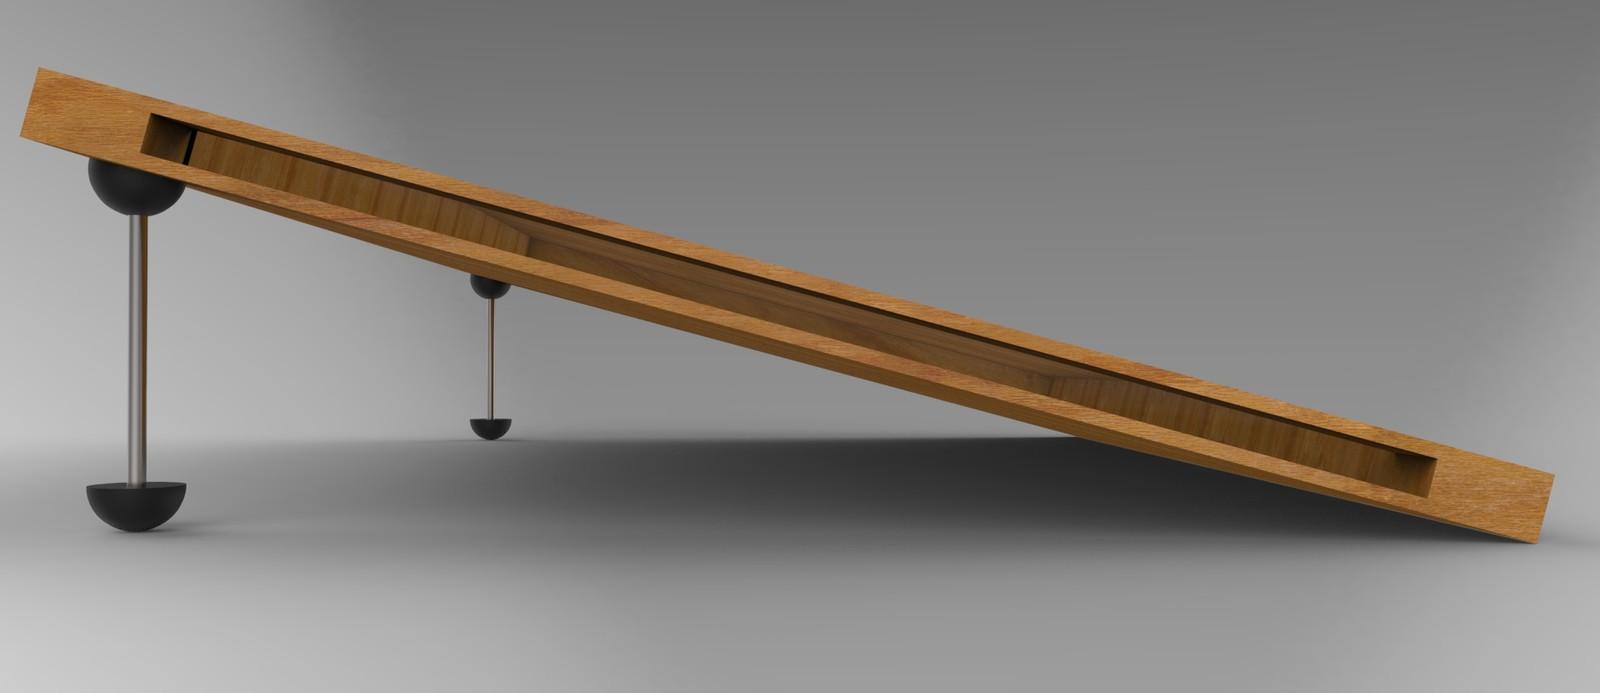 dislexia board left by hugo matilde